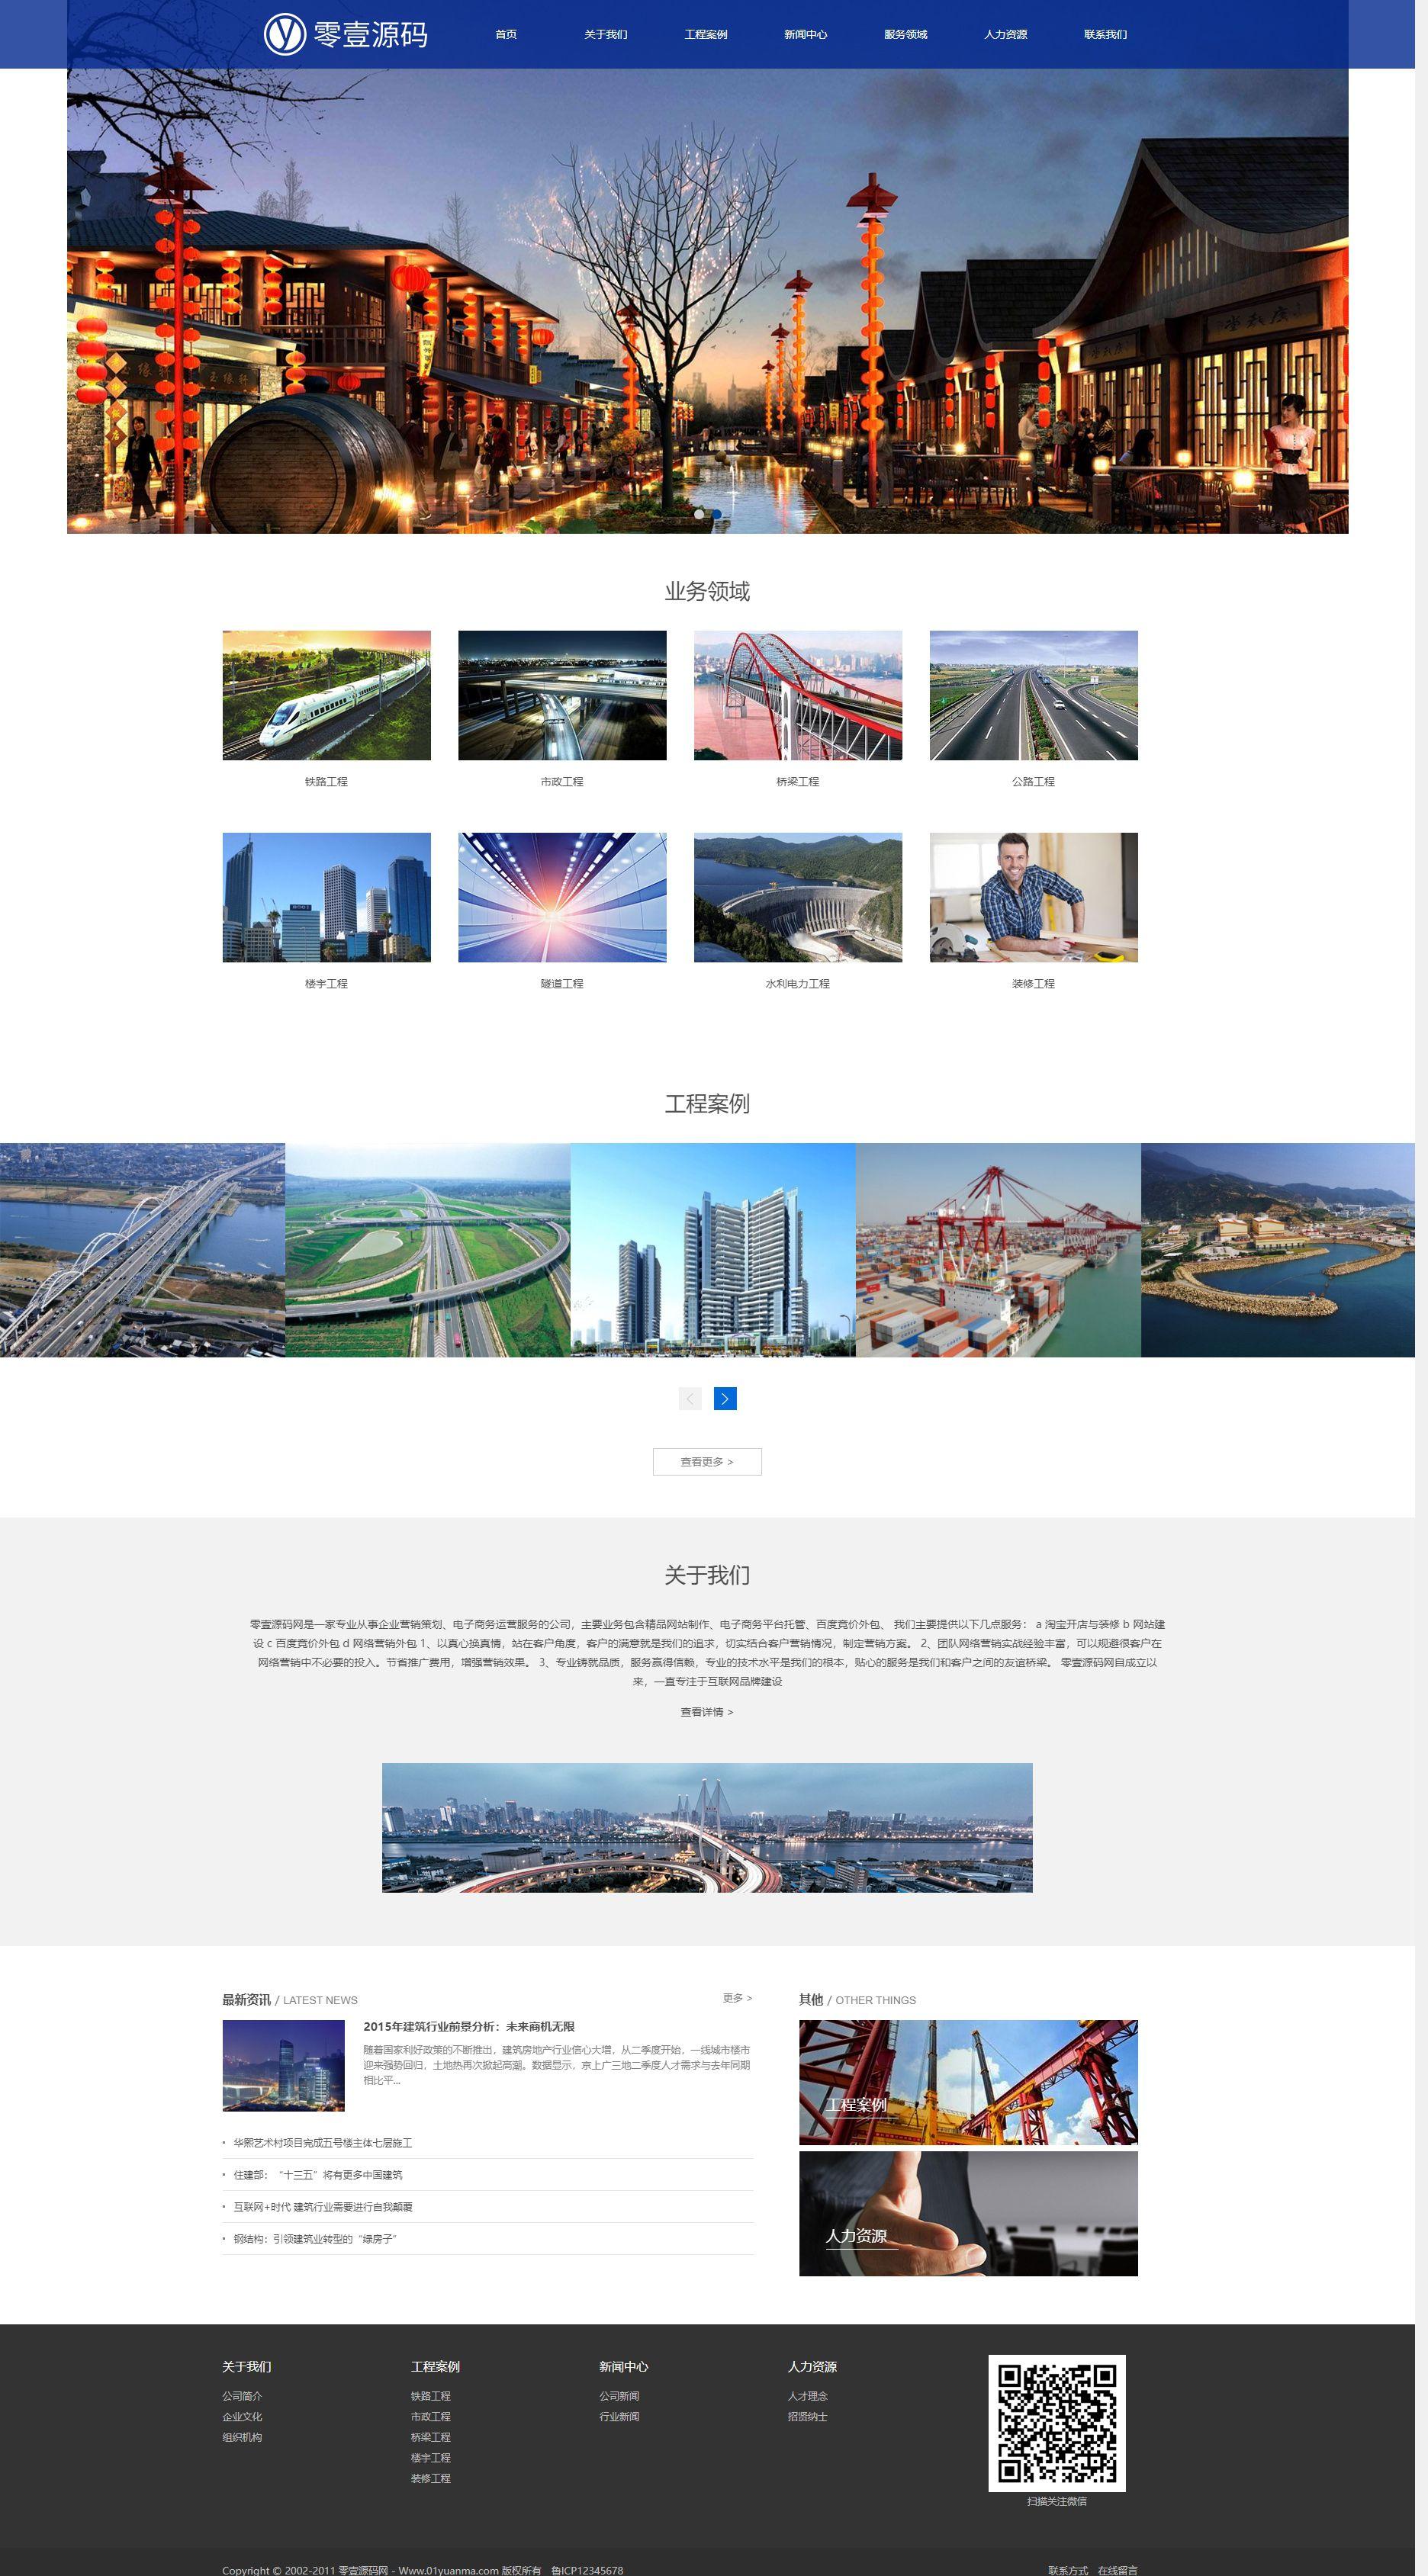 织梦dedecms蓝色装修工程建设类企业网站响应式整站模板